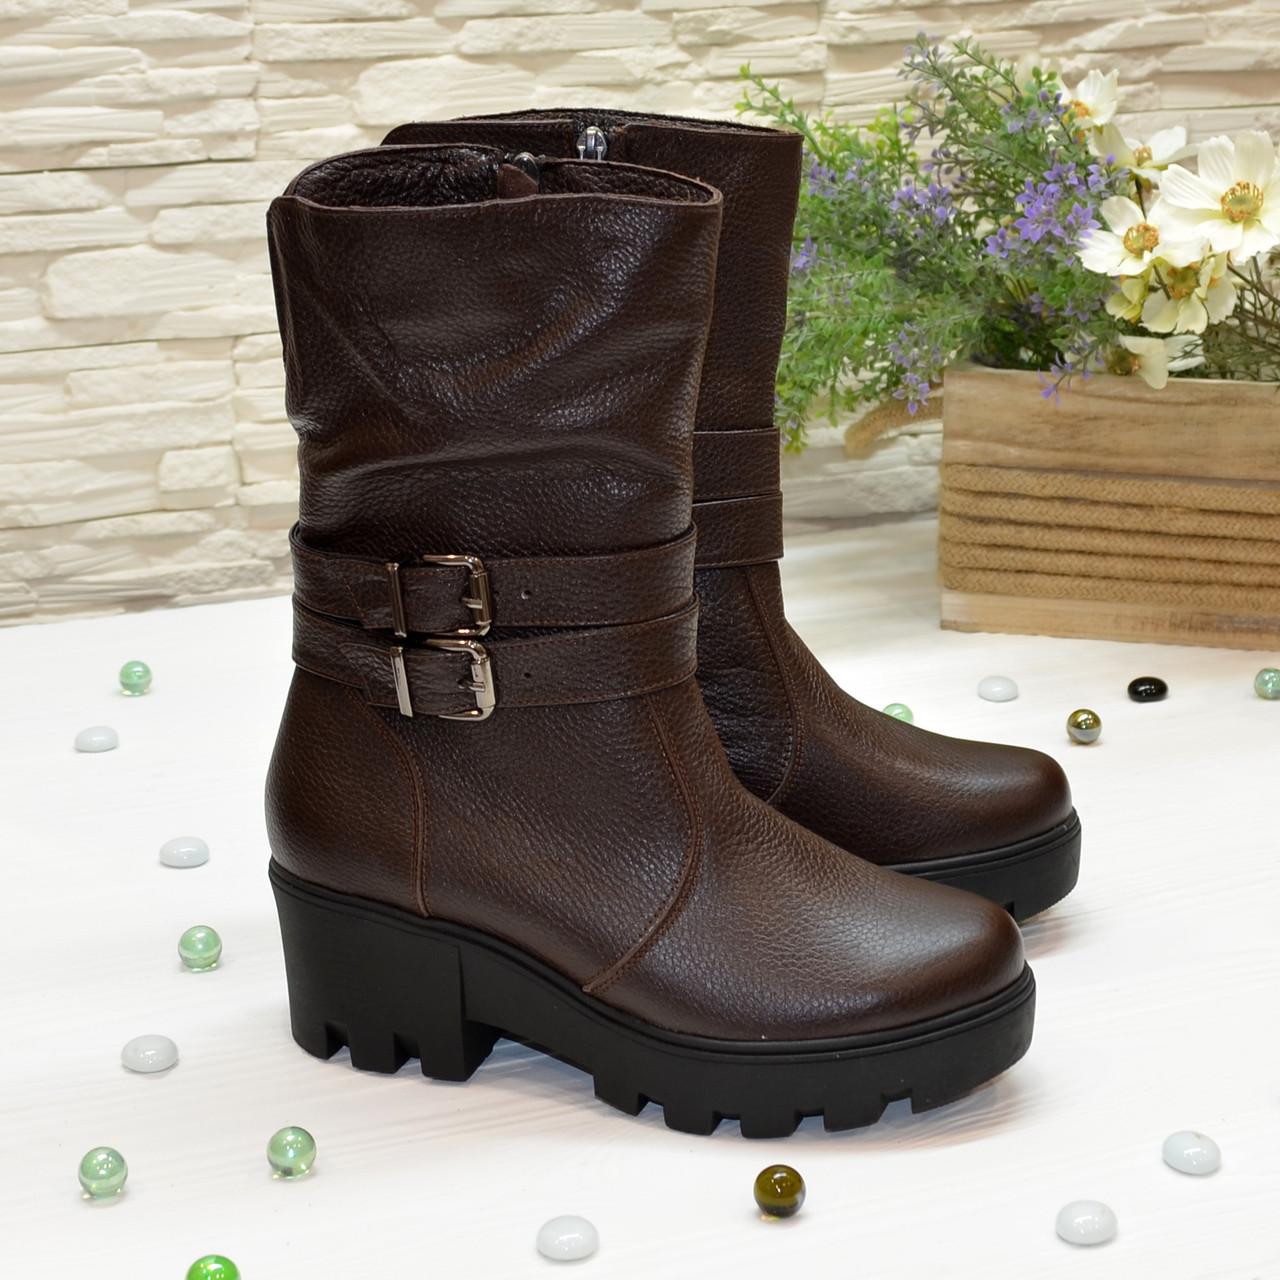 Ботинки женские кожаные зимние на утолщенной подошве, цвет коричневый